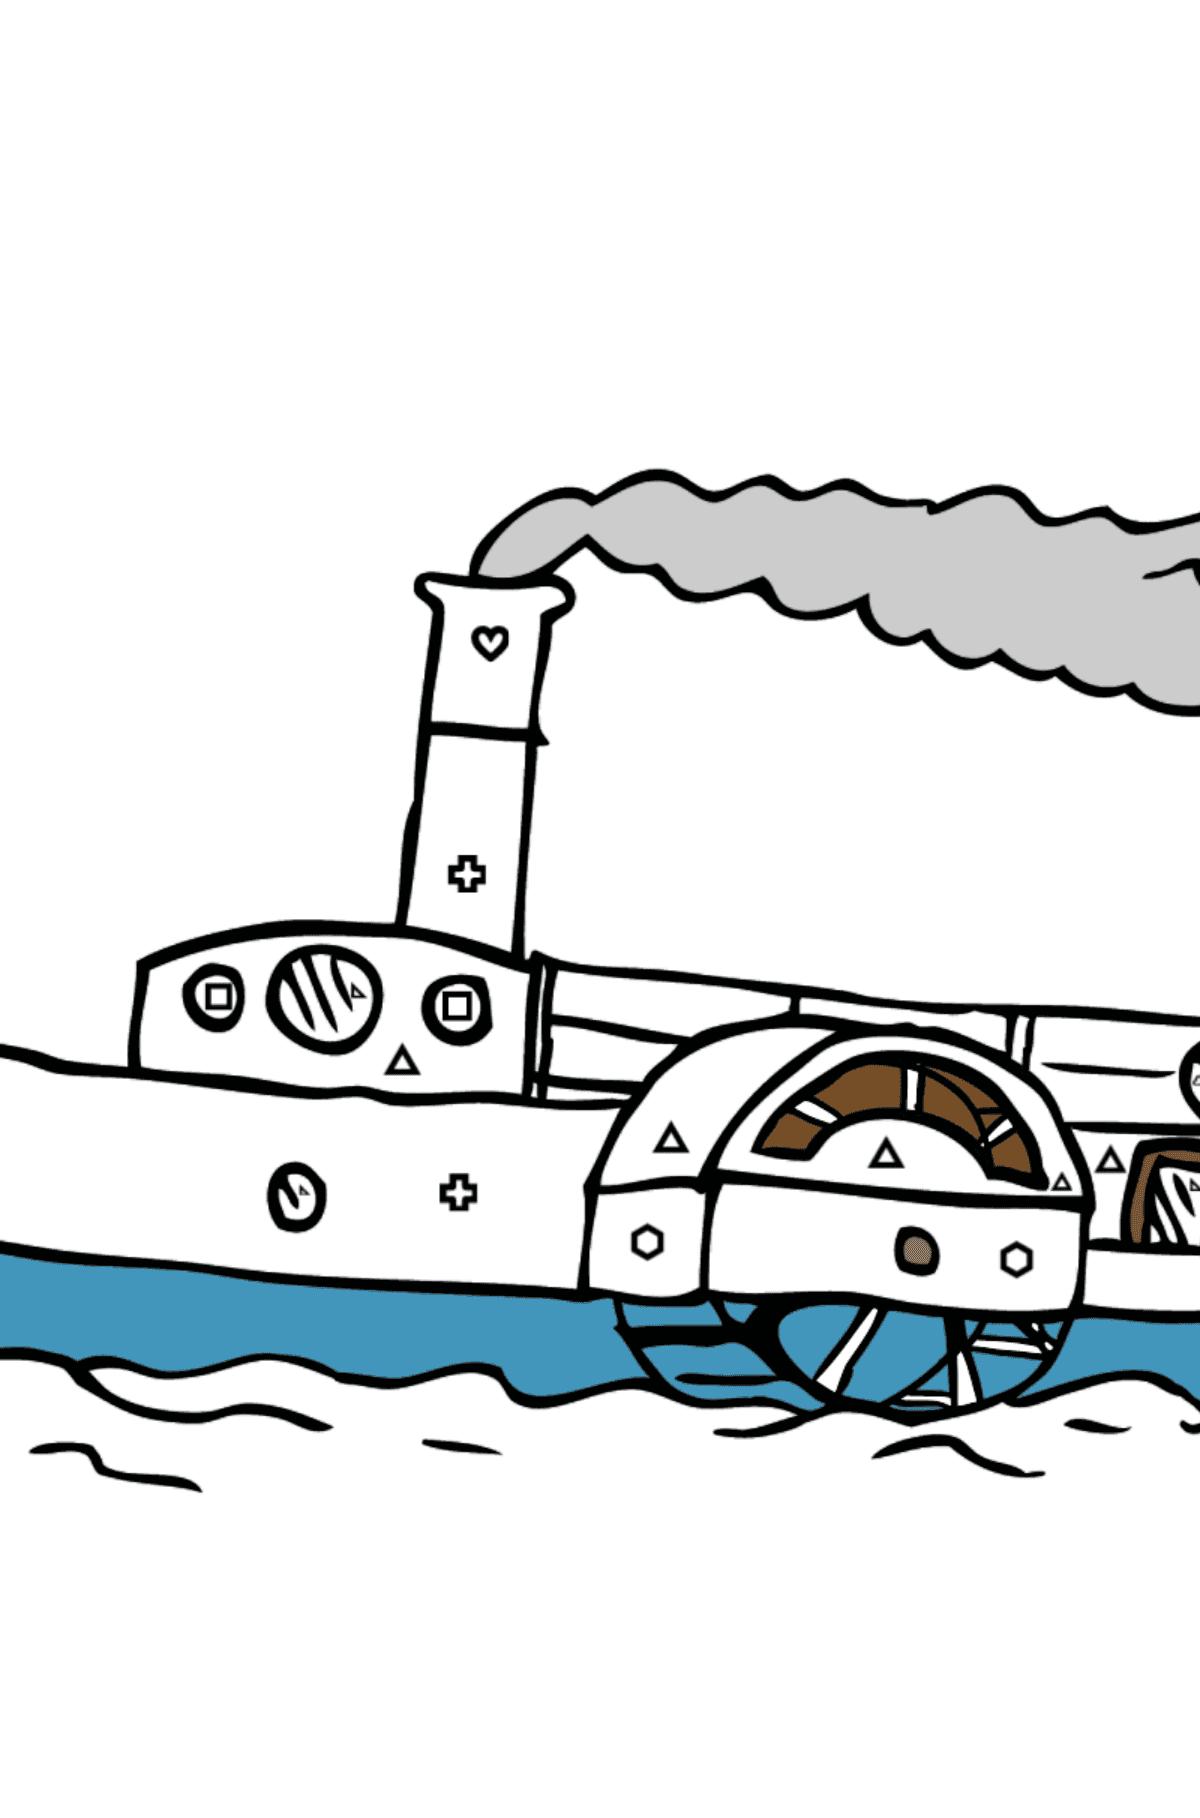 Раскраска корабль с гребным колесом - Раскраска по Геометрическим Фигурам для Детей